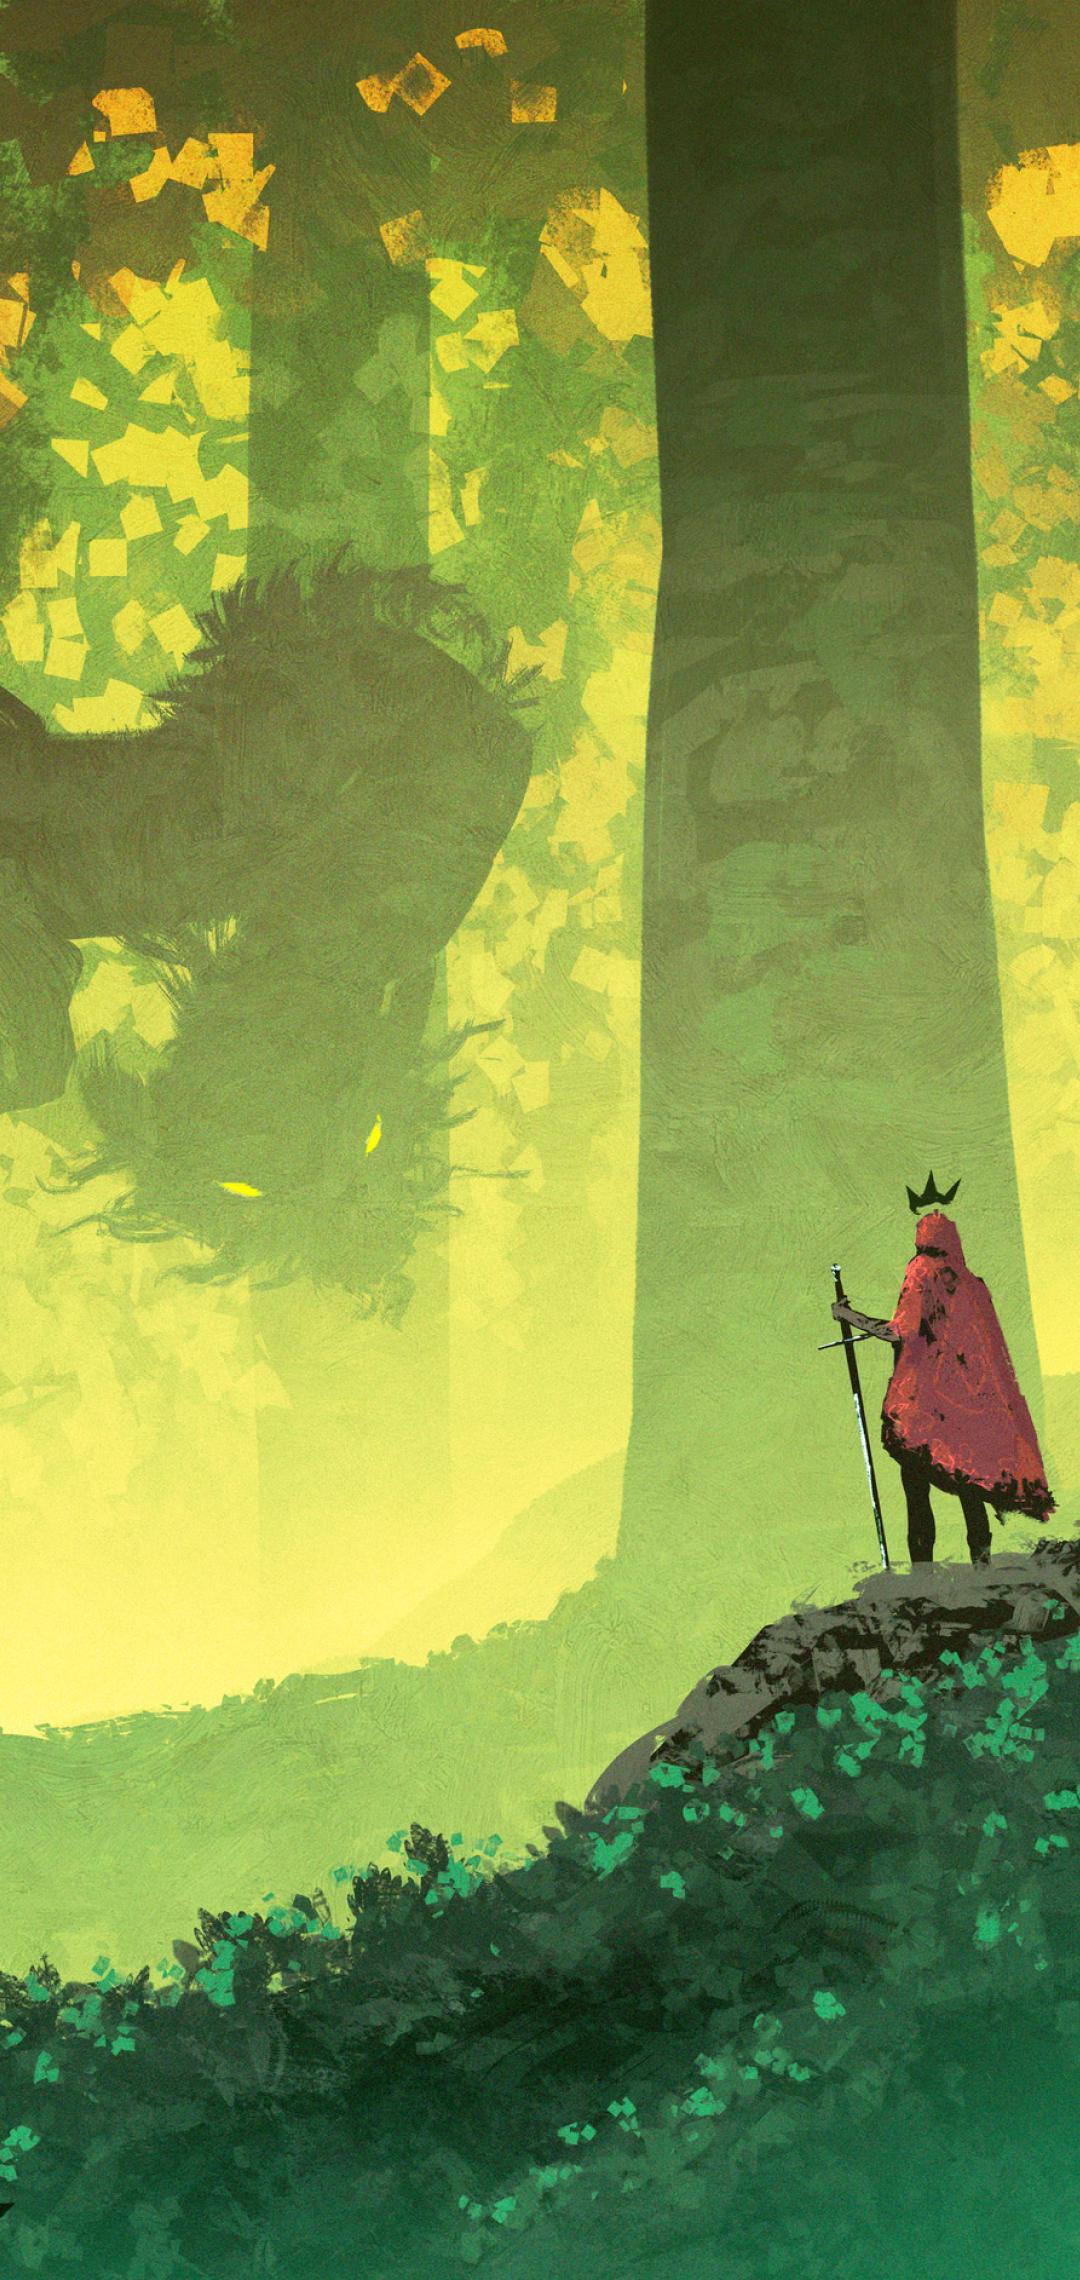 King vs Dragon Fantasy Art Wallpaper in 1080x2280 Resolution